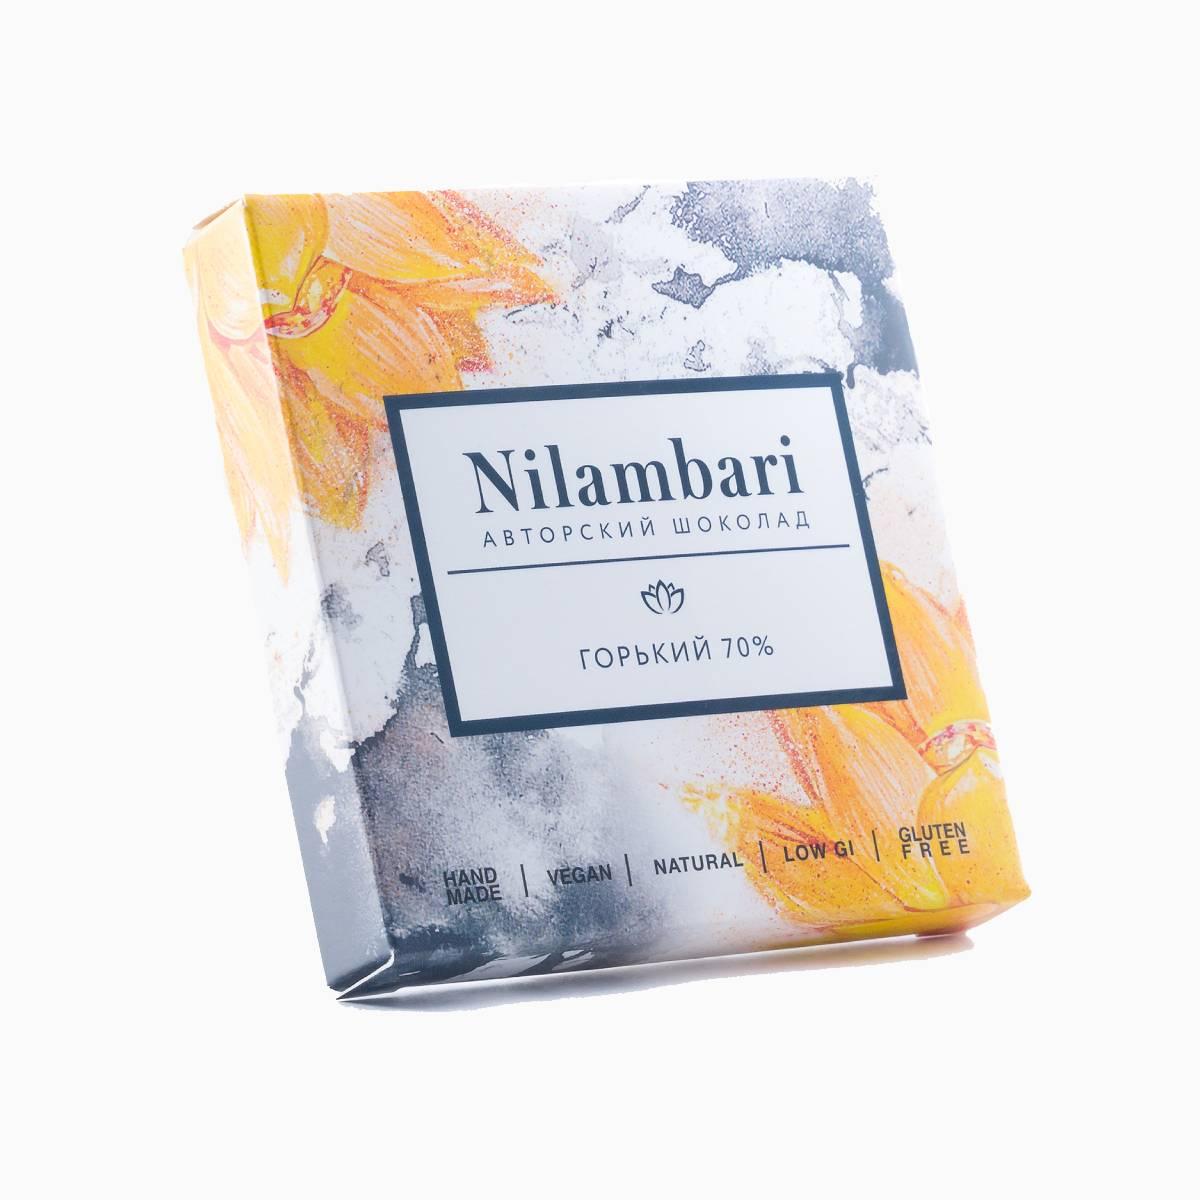 Шоколад горький 70%, Nilambari, 65 г